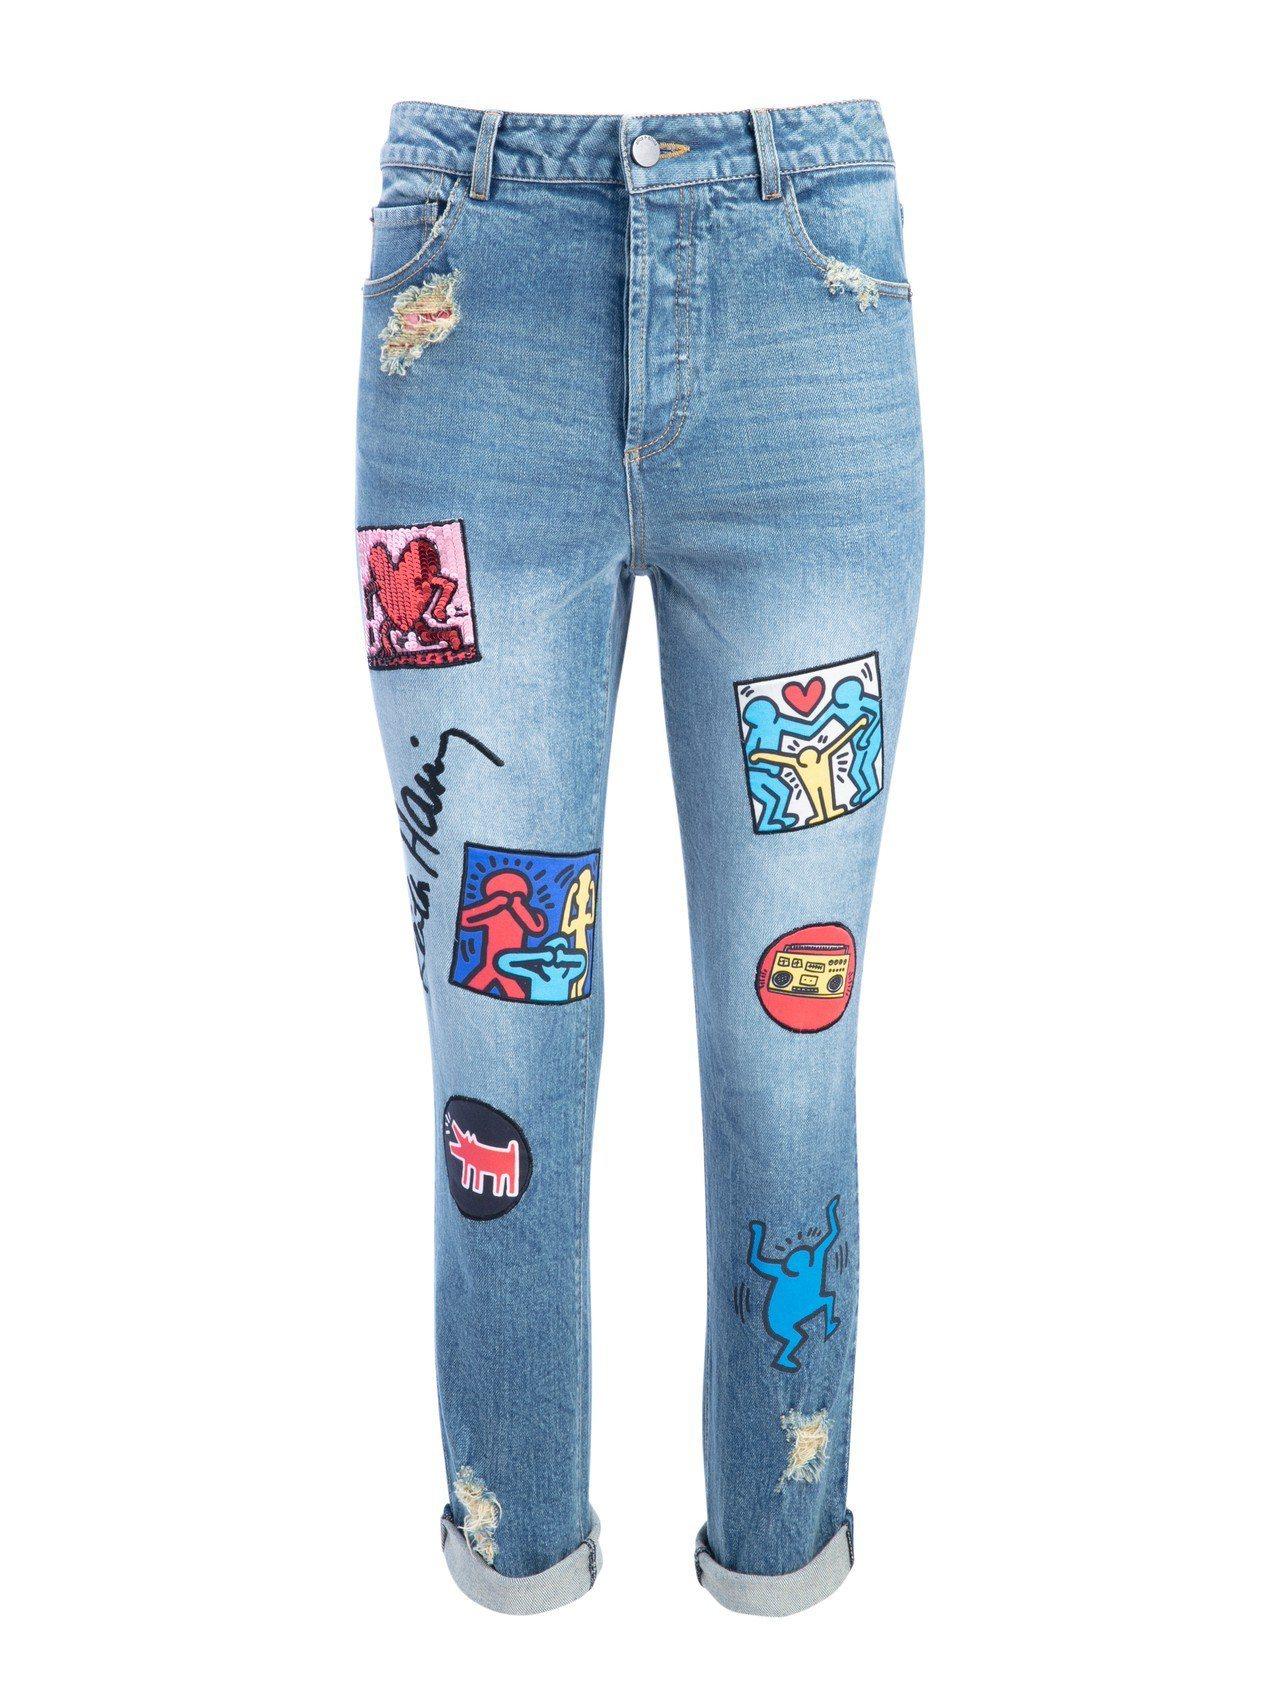 塗鴉徽章拼貼窄管丹寧褲,24,900元。圖/alice + olivia提供